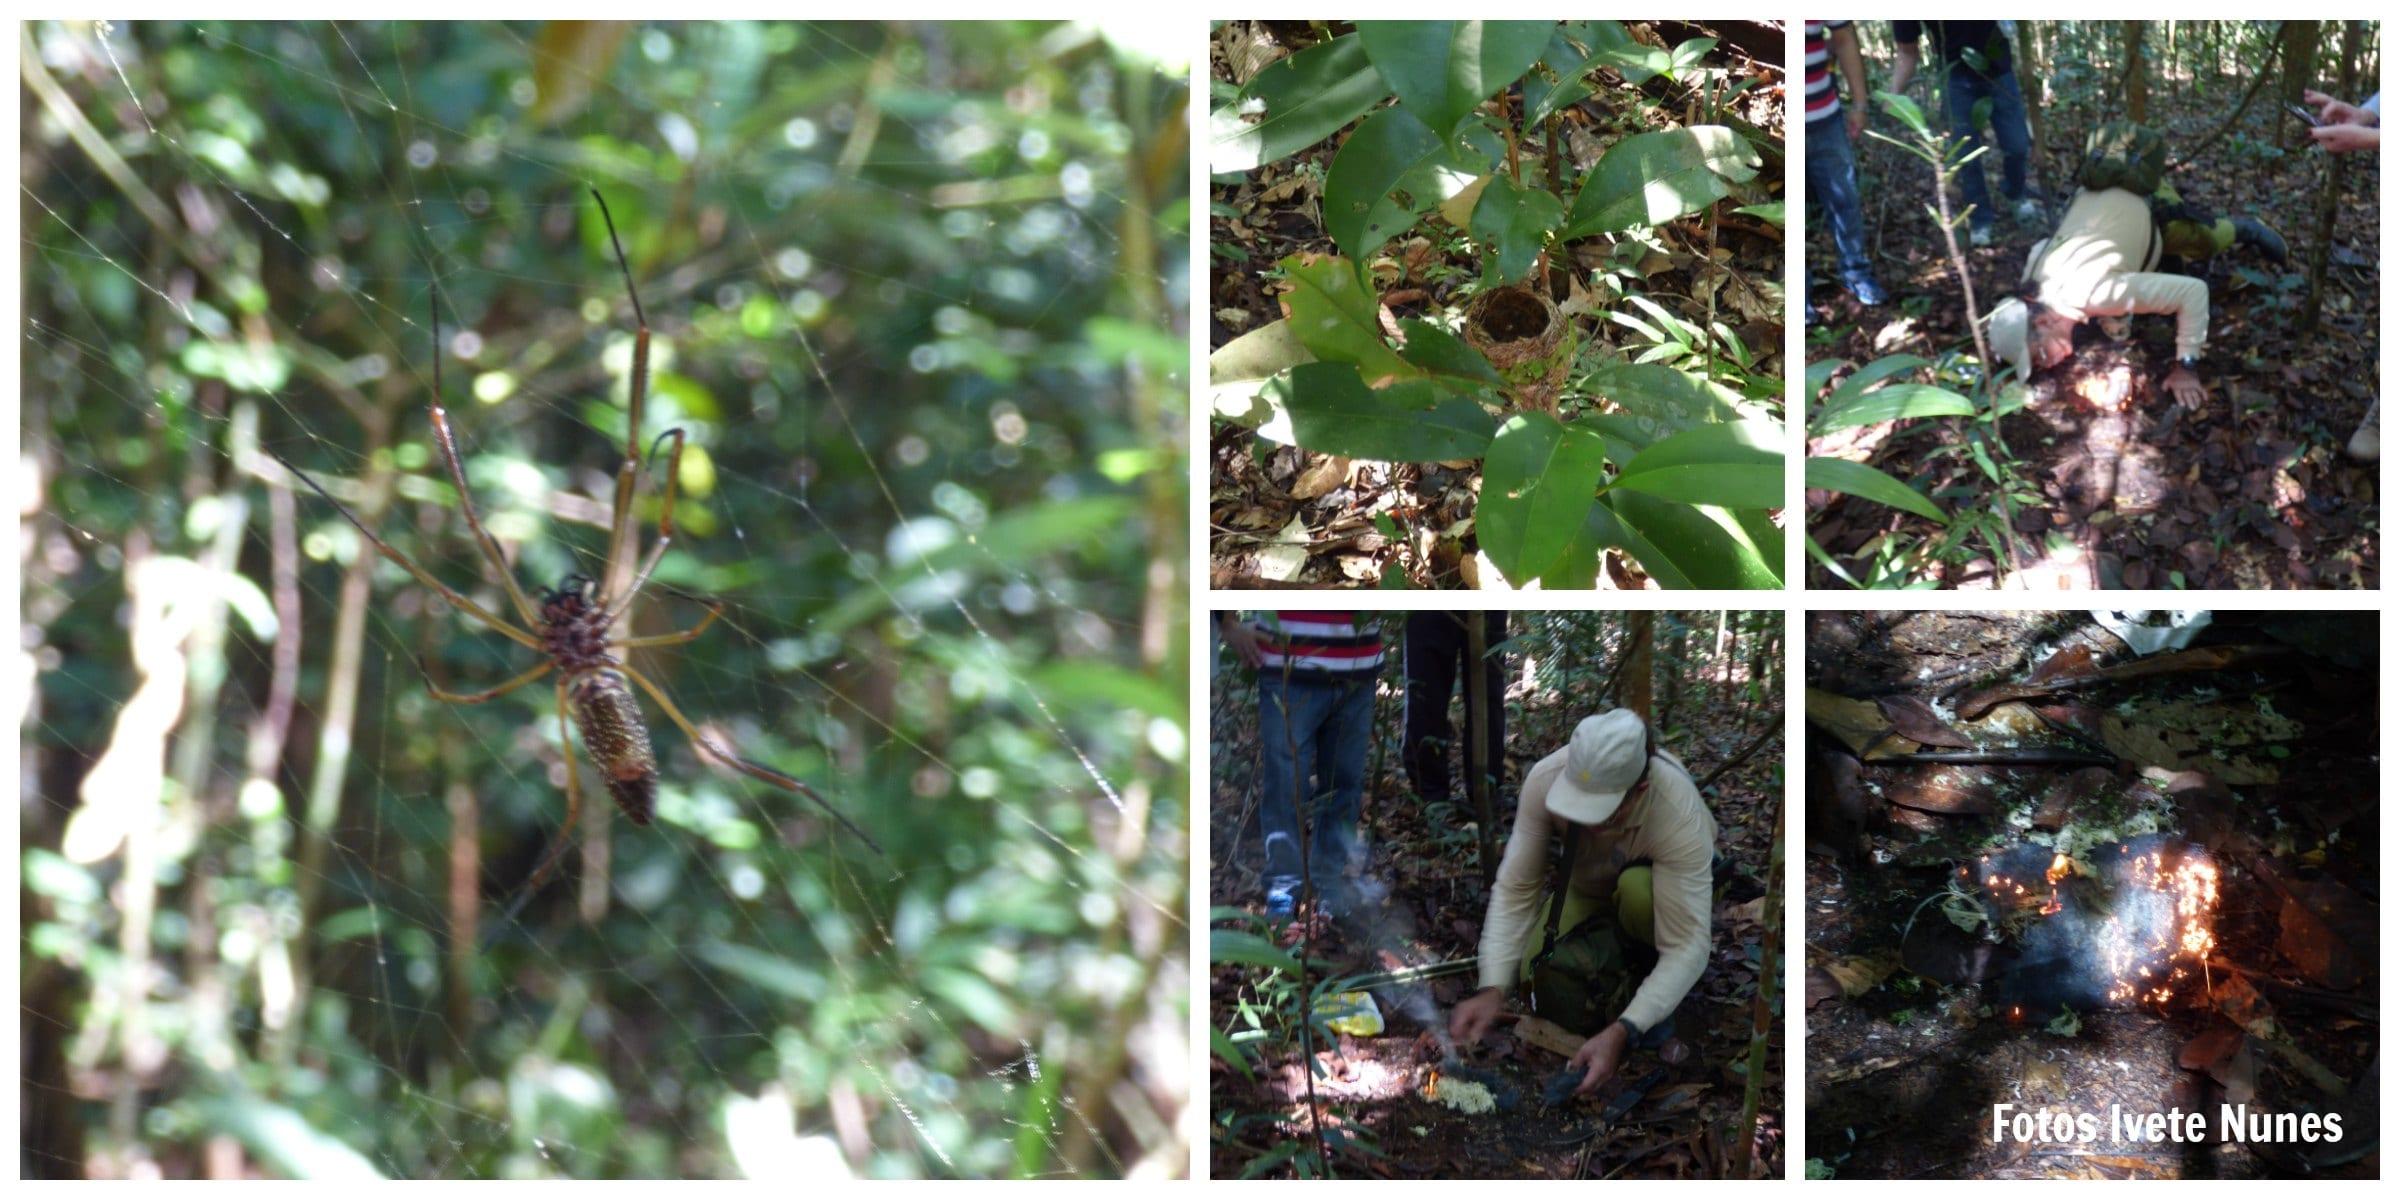 Caminhada na floresta Amazônica Guia Epifânio | Viajante Solo